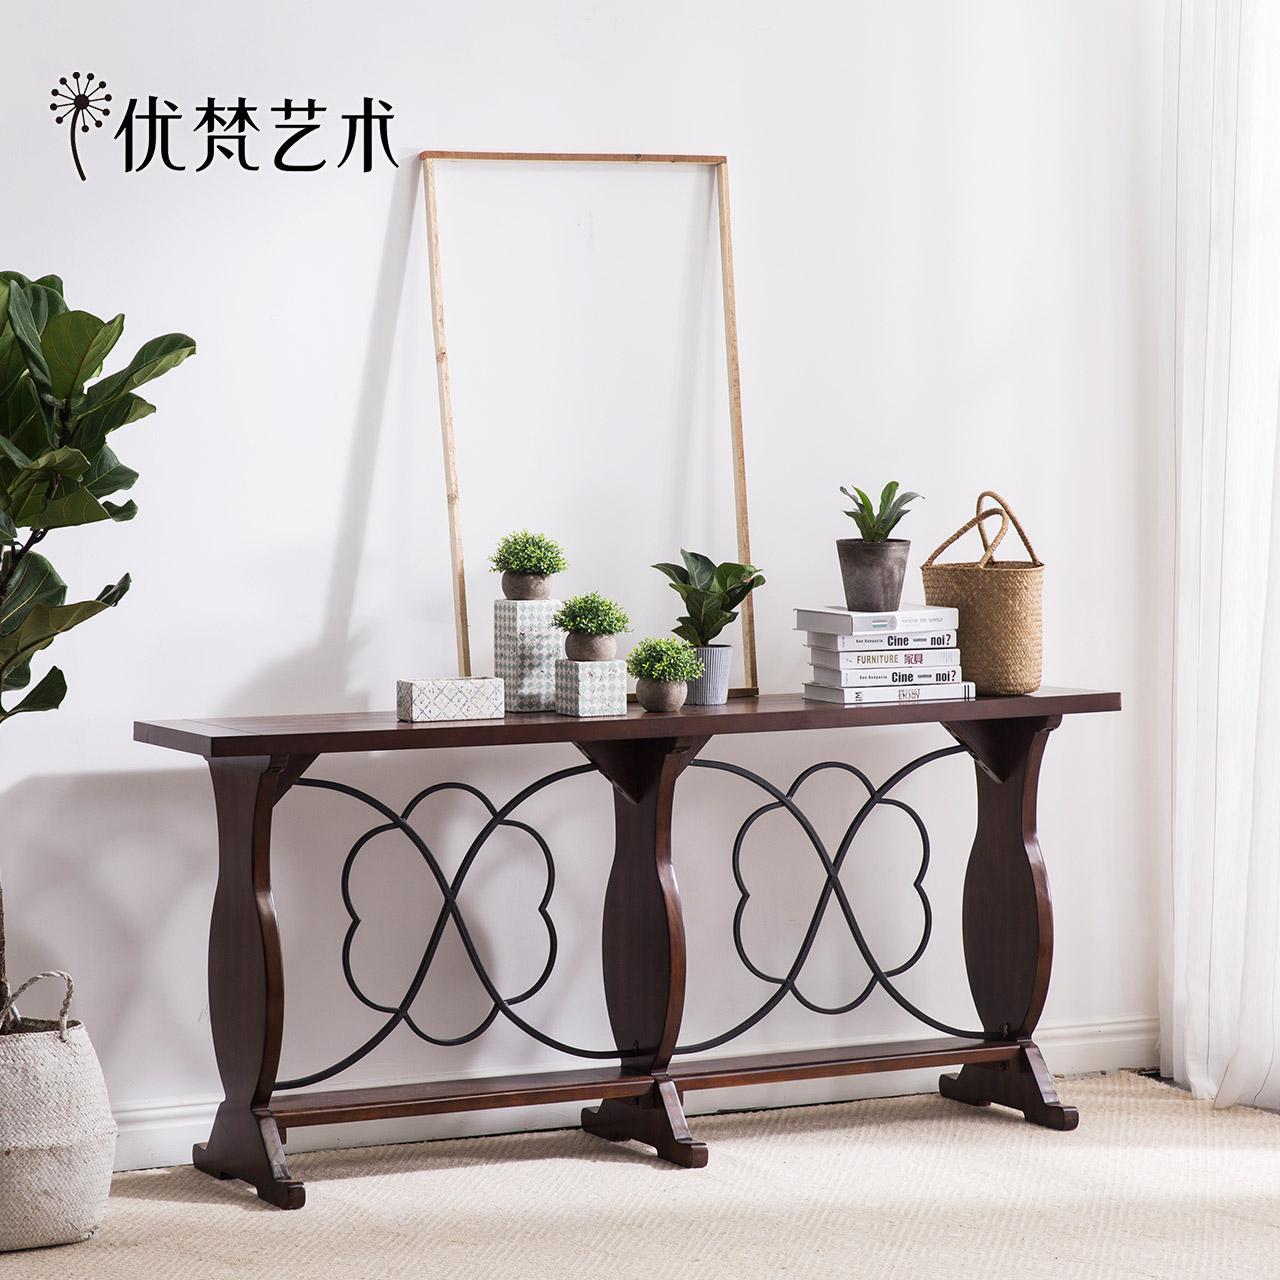 优梵艺术Tbilis美式实木脚玄关台客厅边几桌铁艺墙边桌案台桌简约